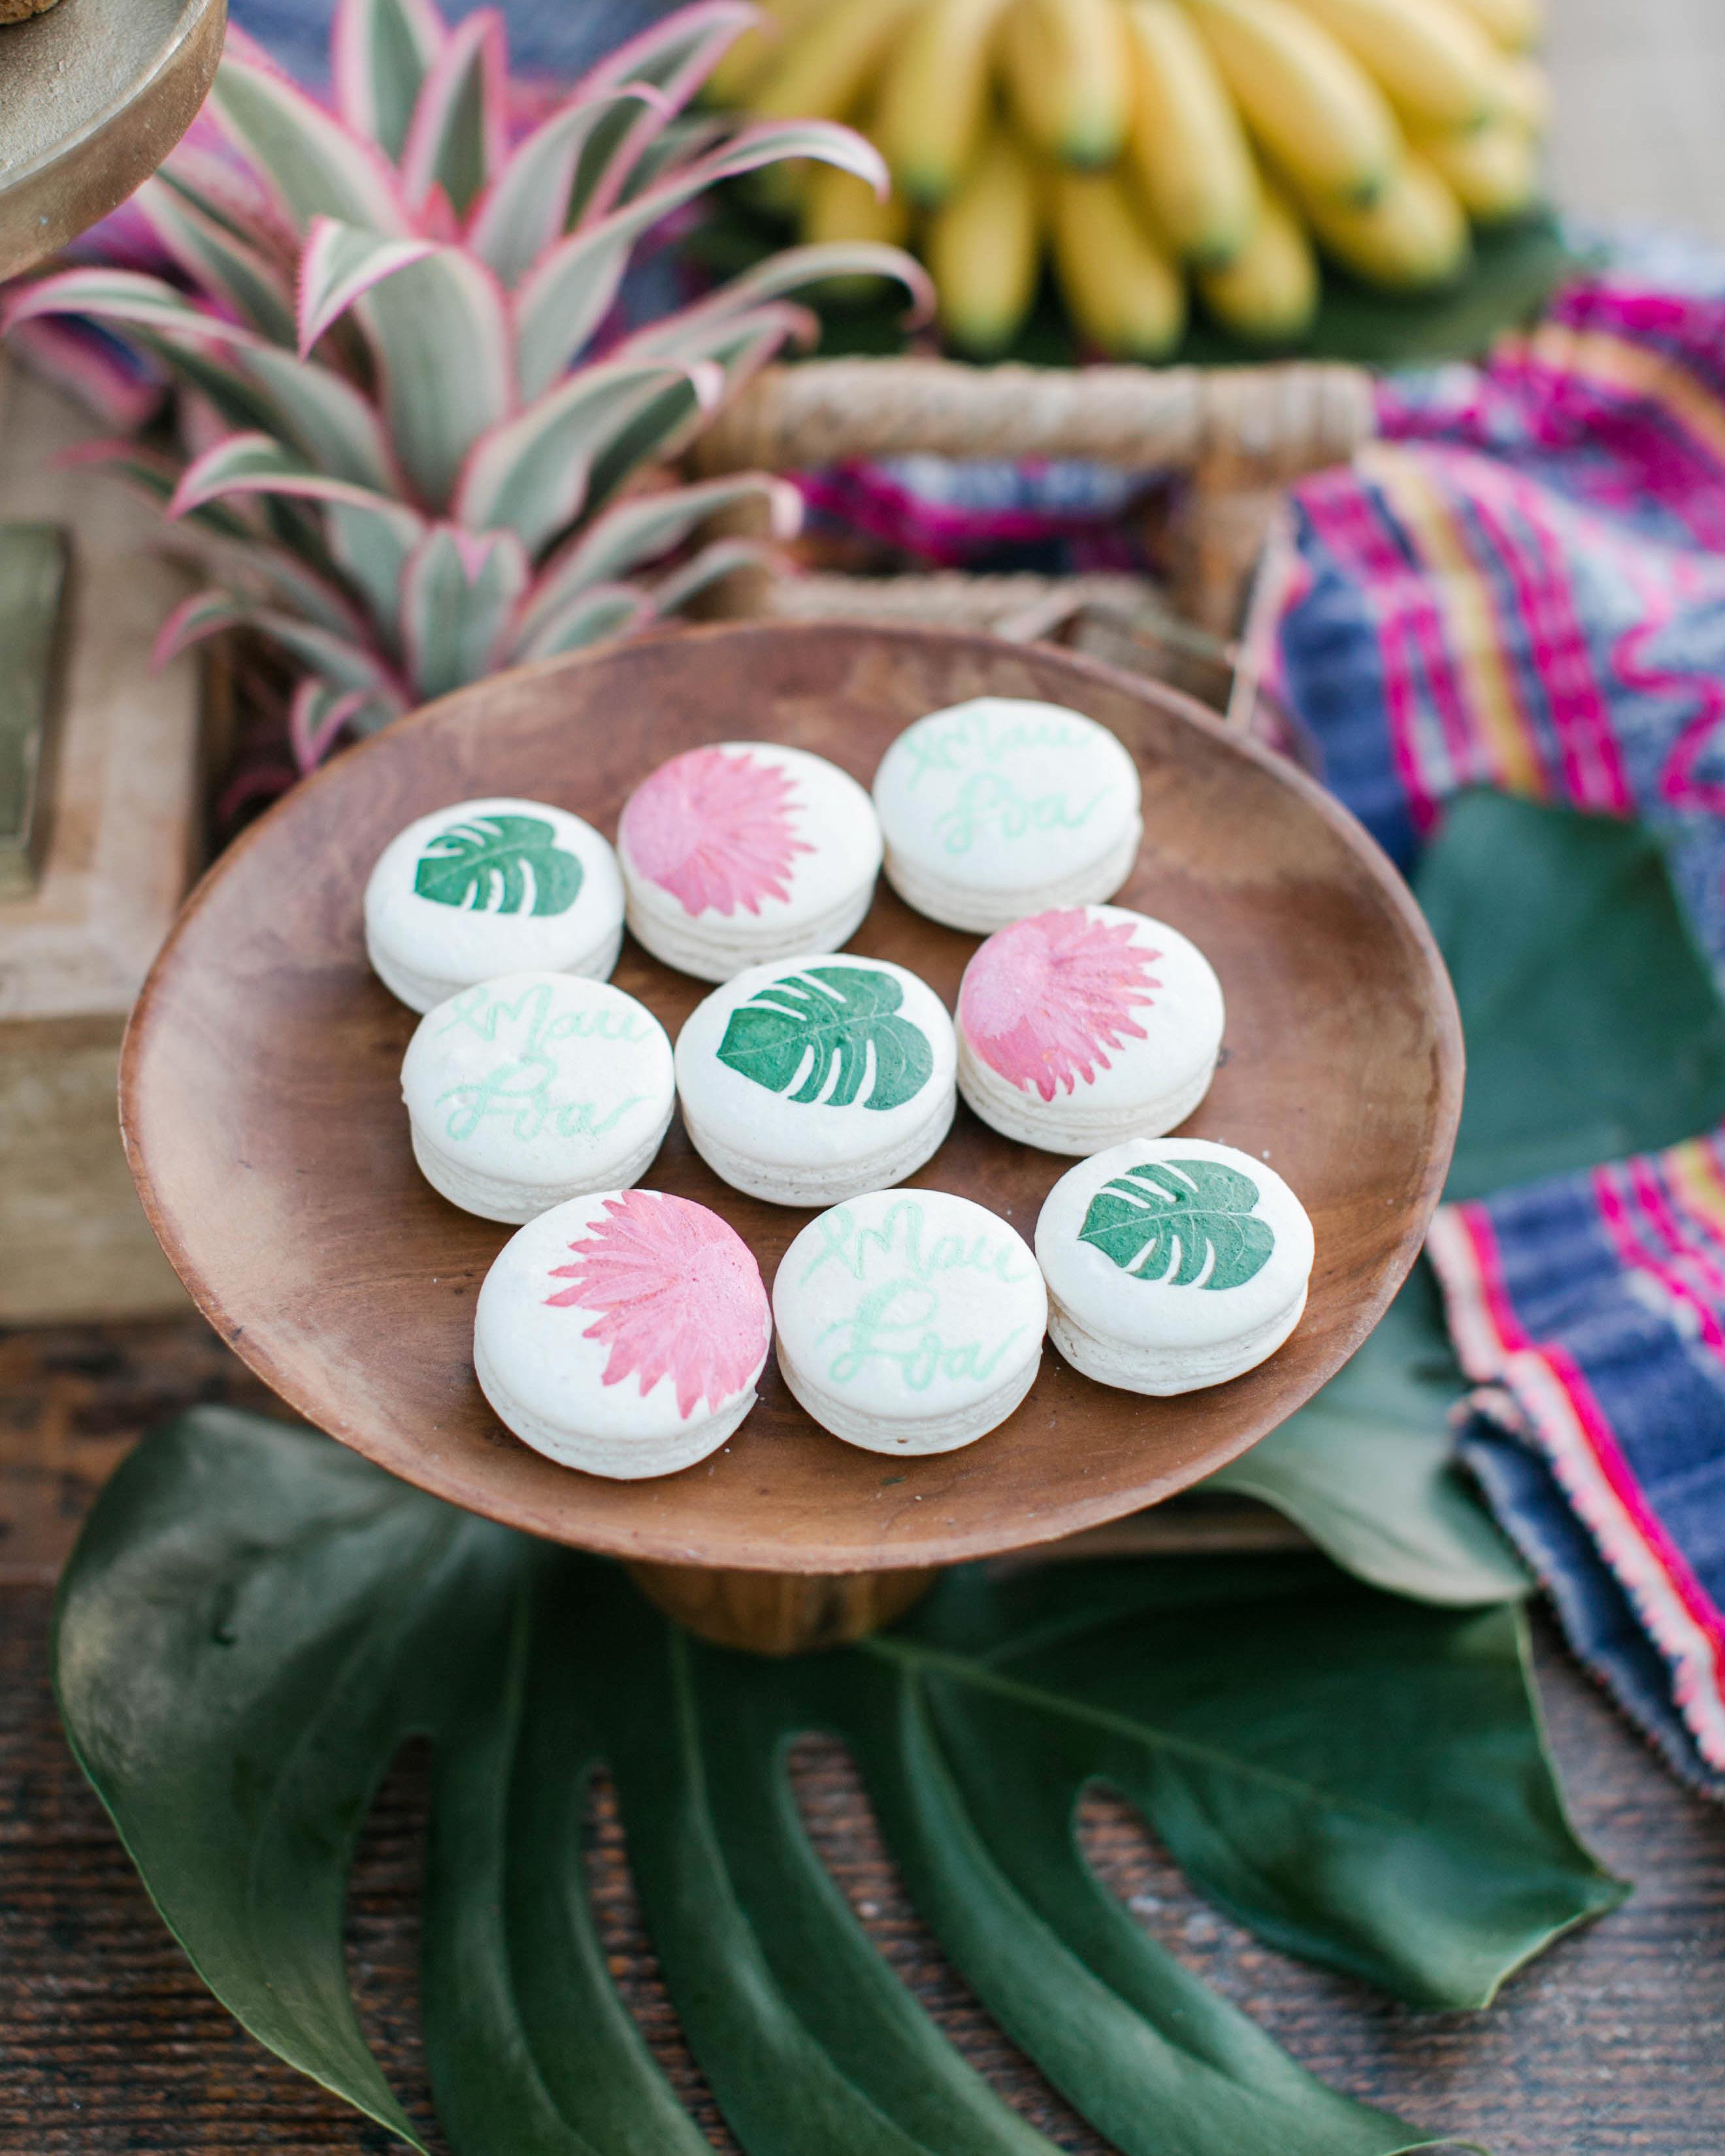 jasmine-jd-anniversary-macarons-075-s112834-0516.jpg